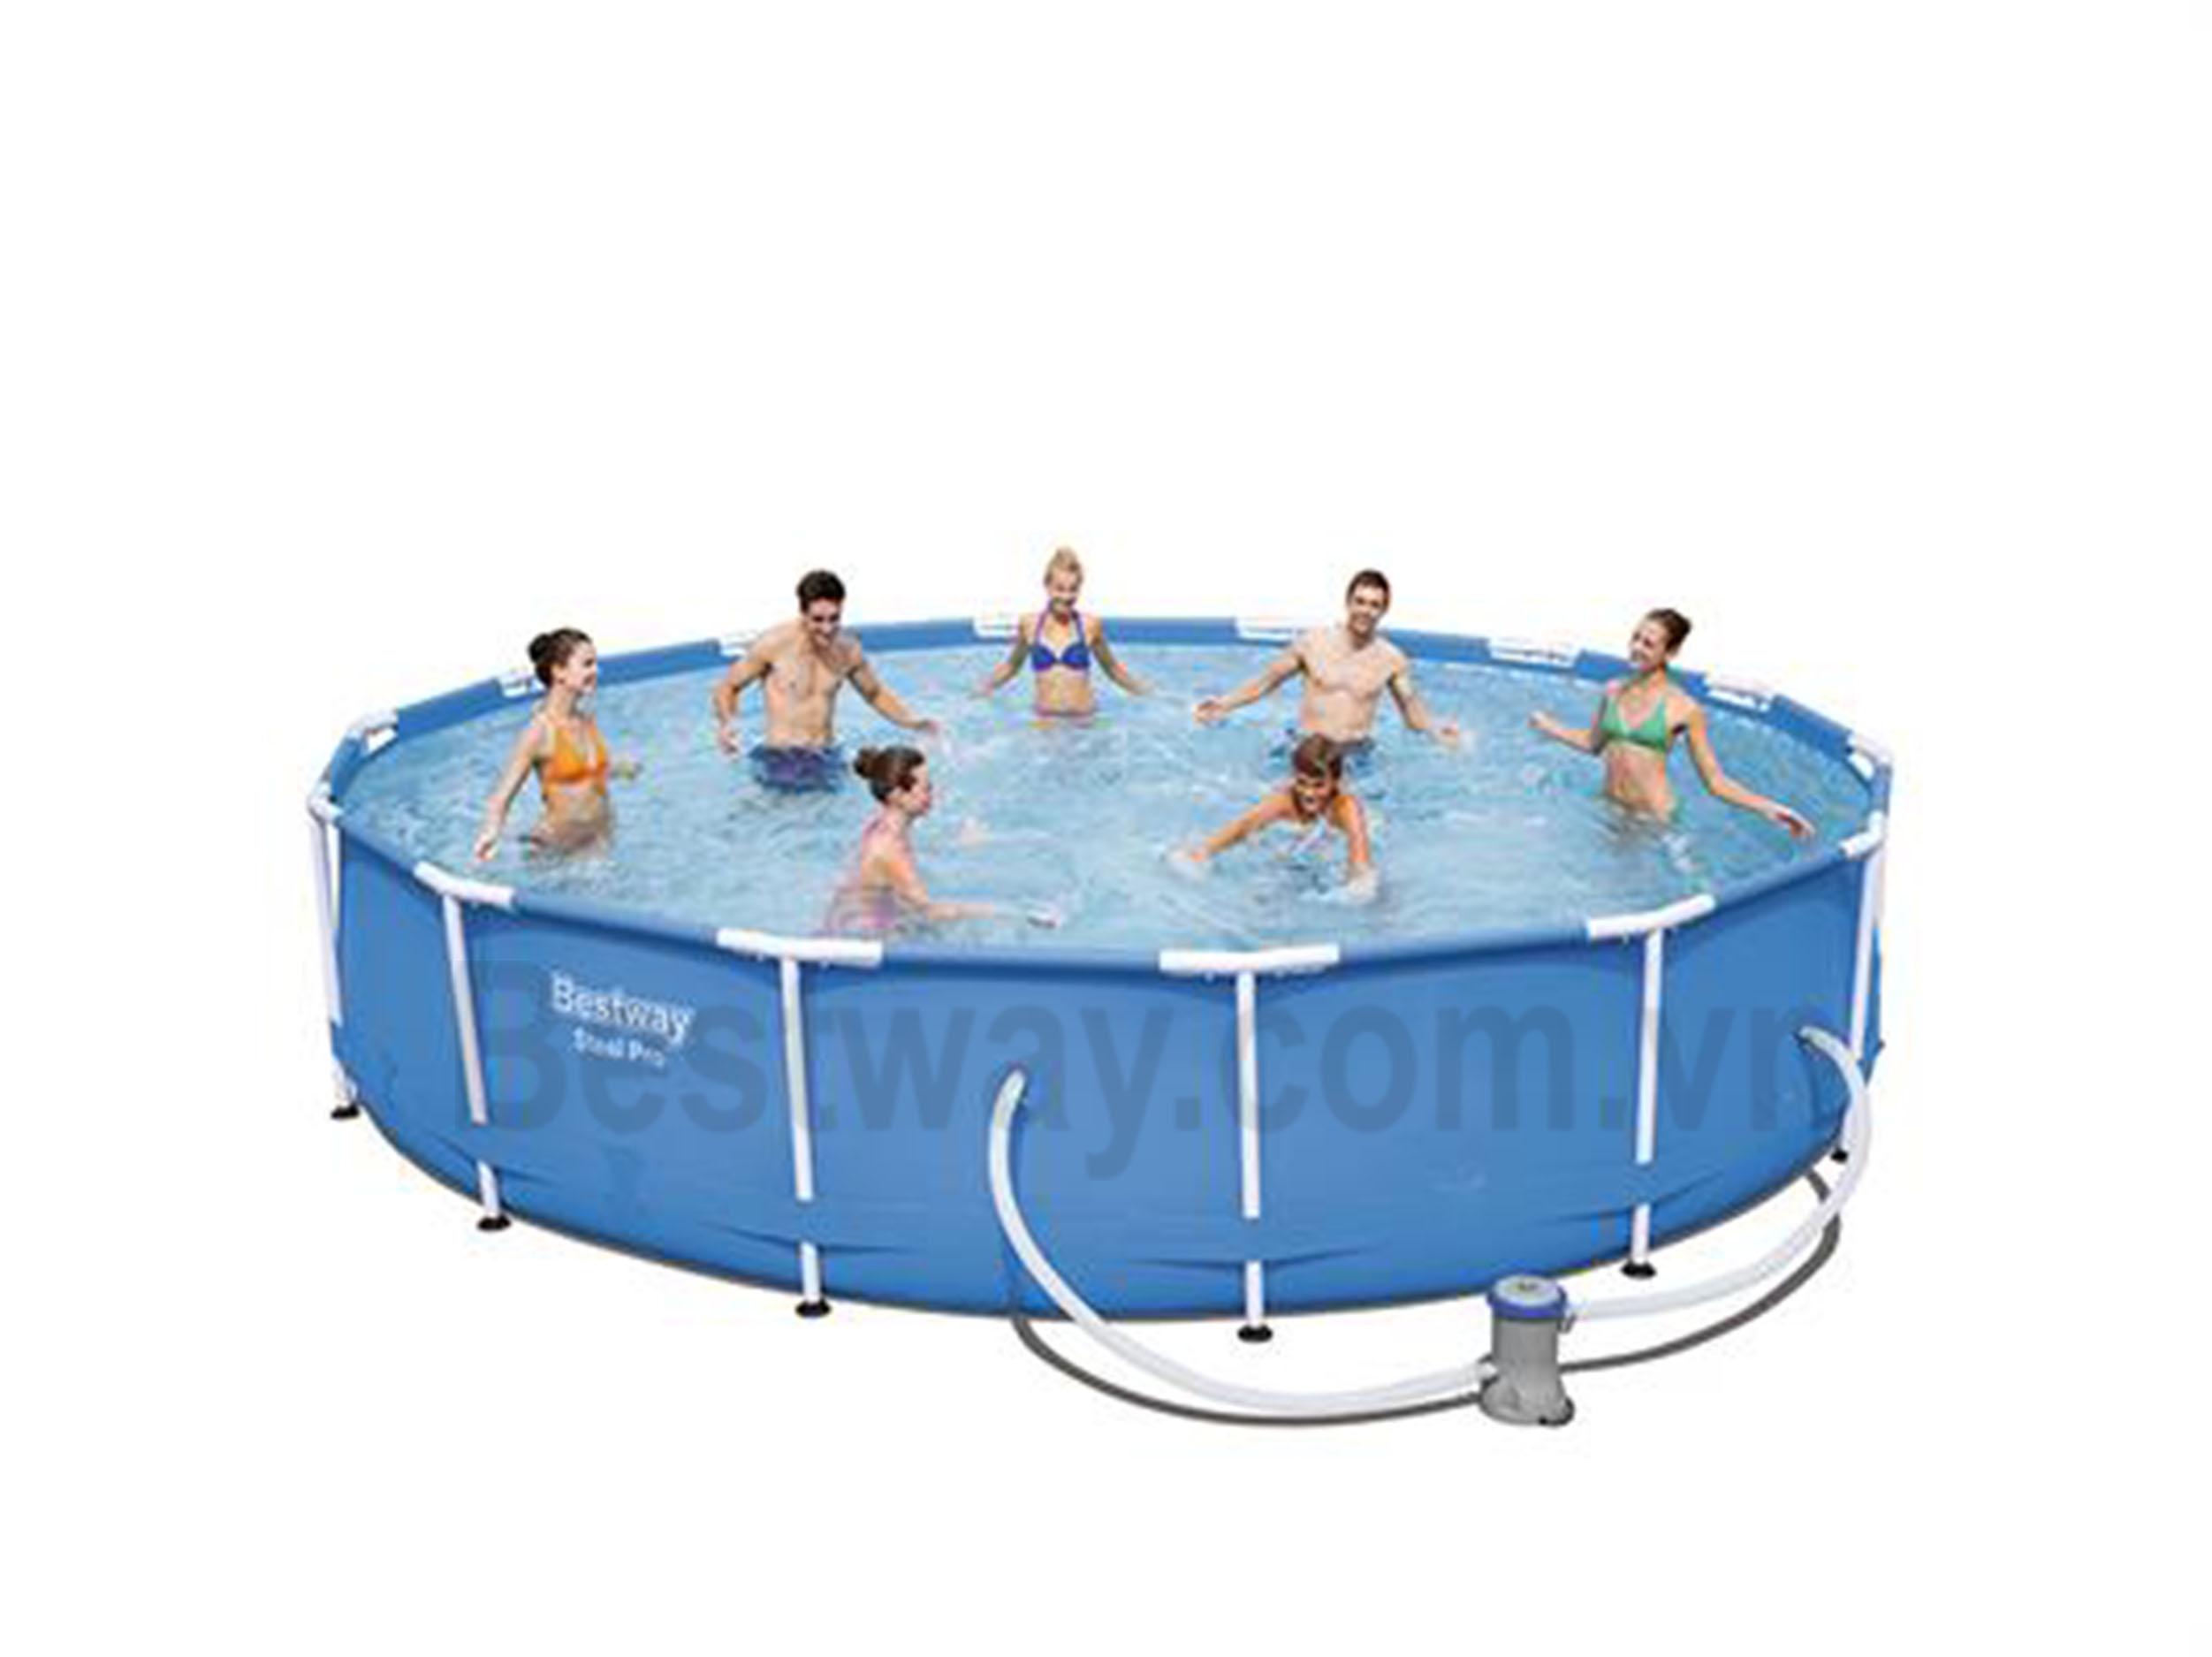 Bể bơi 4.27m x 4.27m x84cmBestway 56595